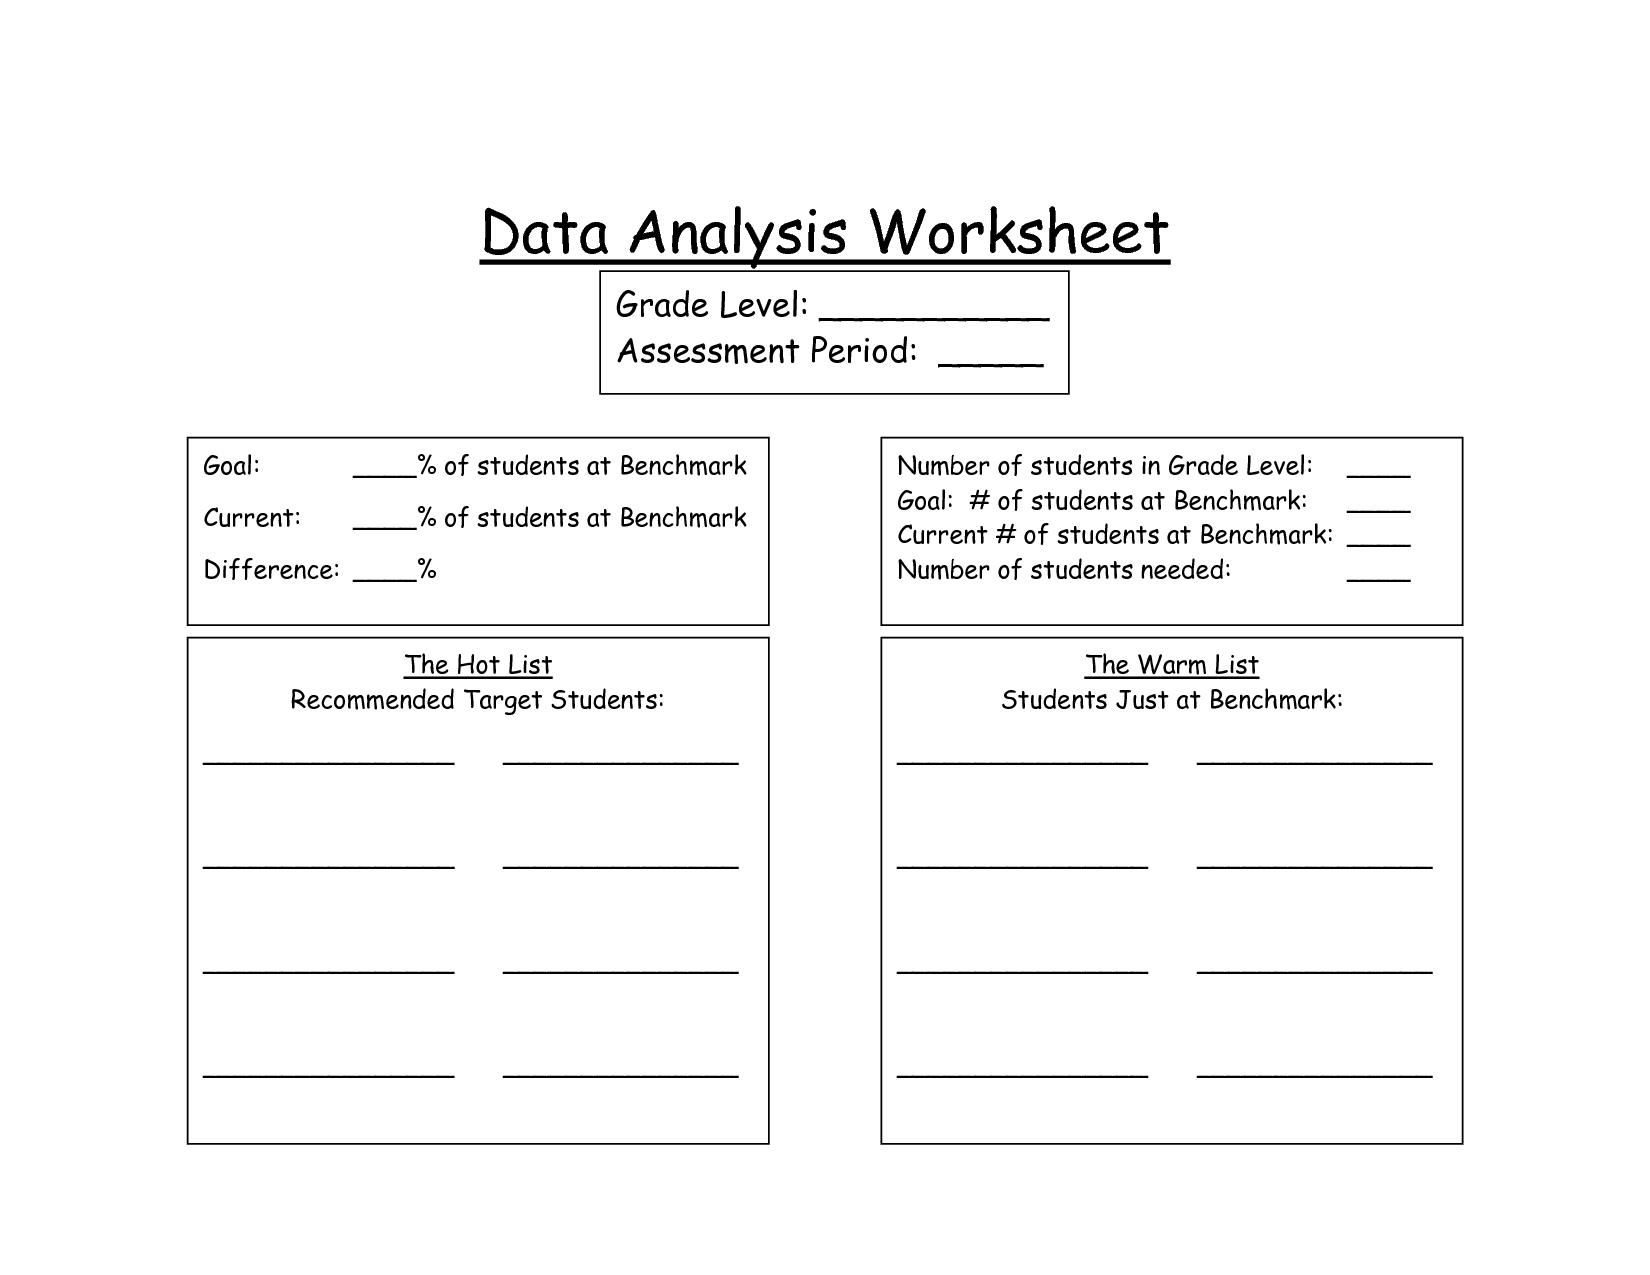 Dataysis Worksheet Worksheets For School